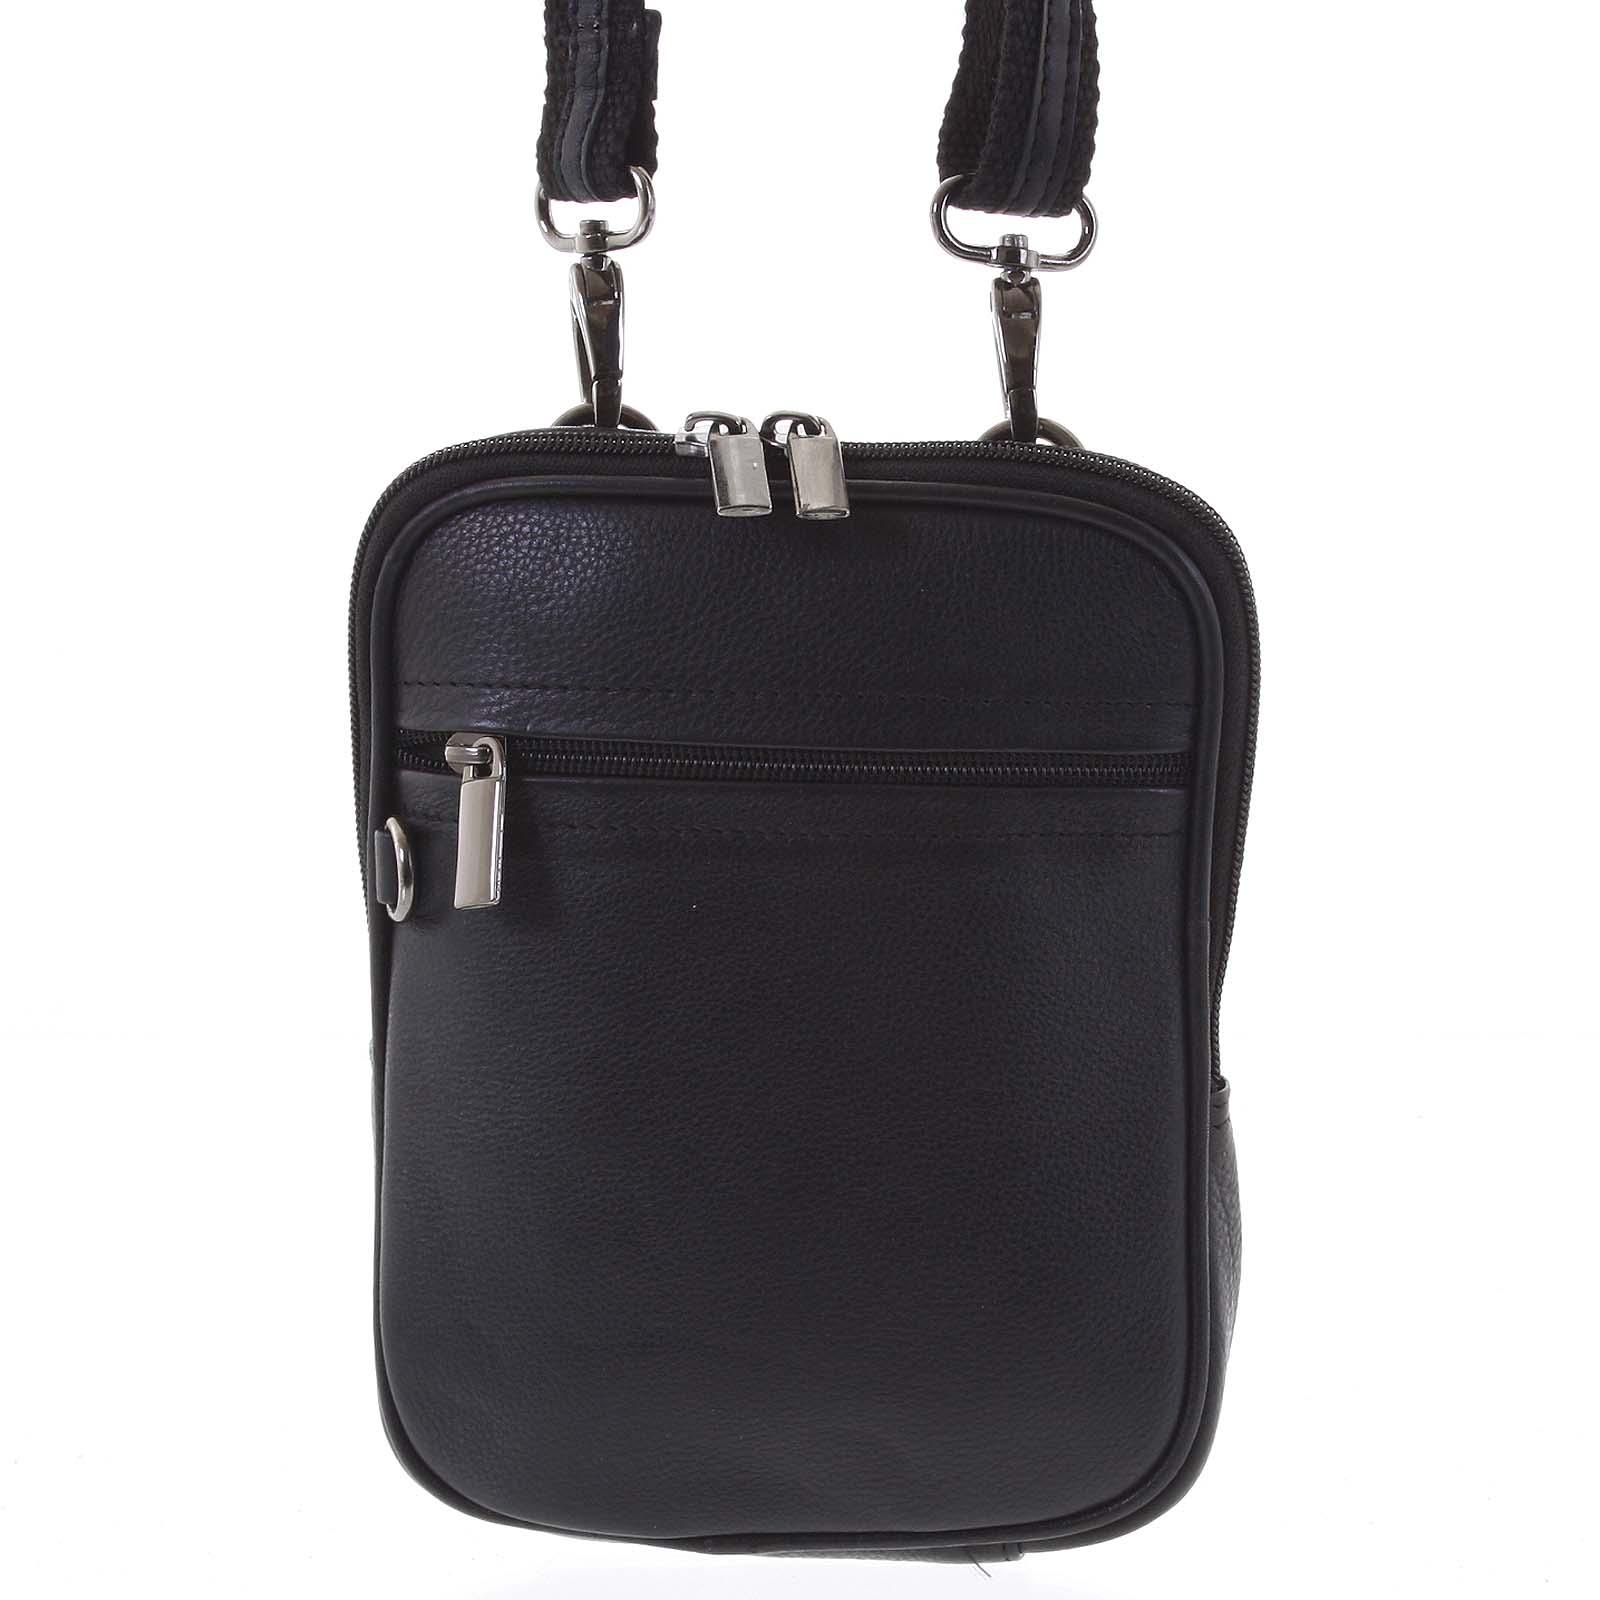 Malá pánska kožená taštička na doklady čierna - WILD ChinChin čierna